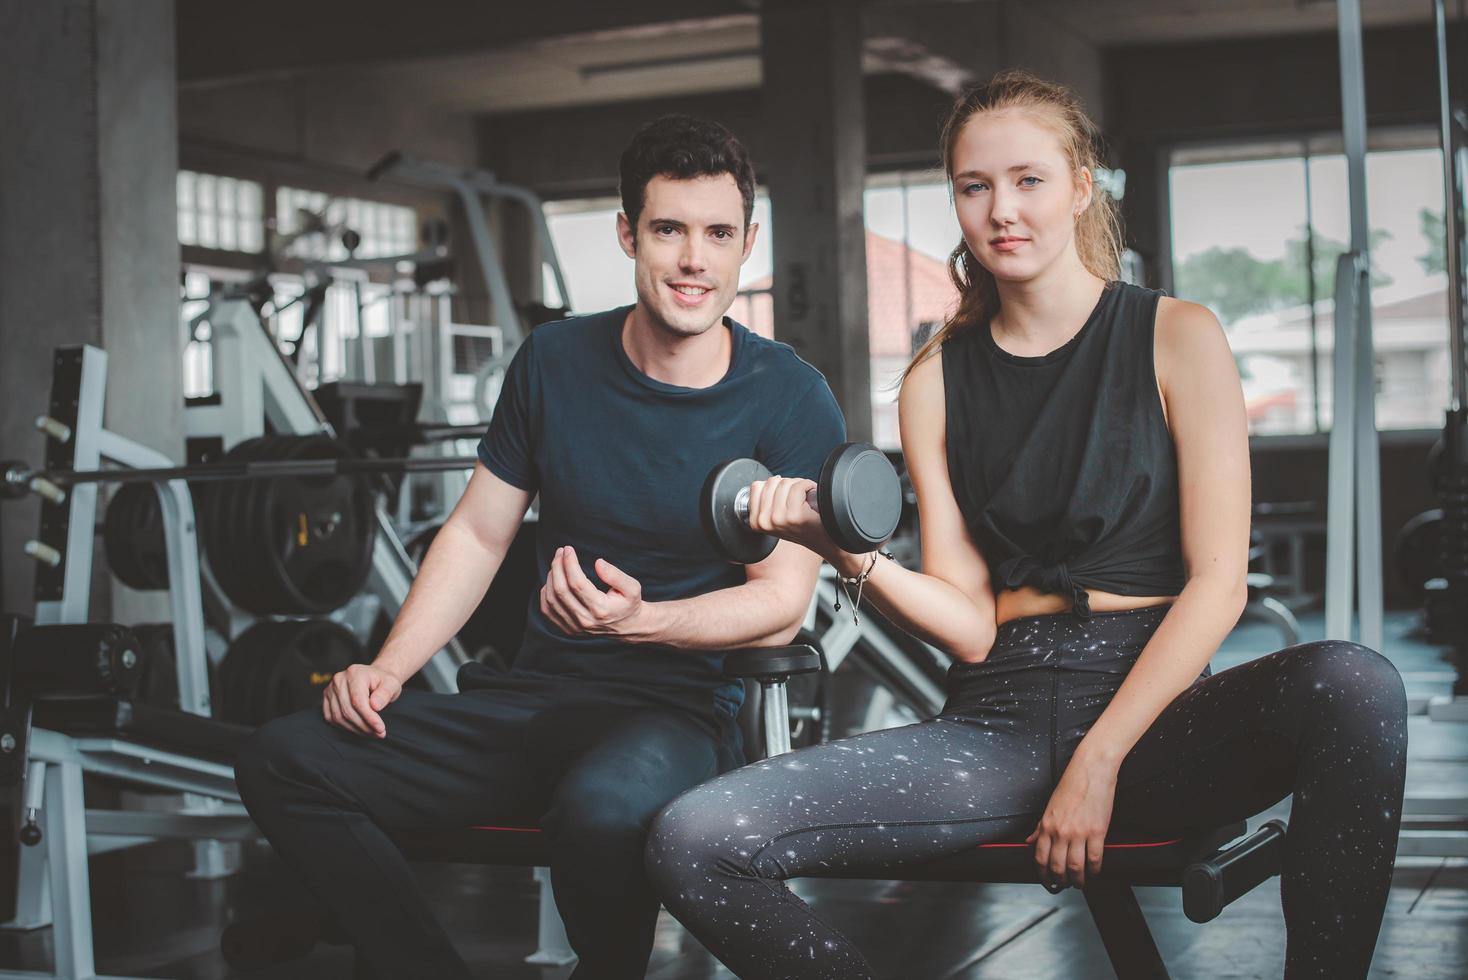 par som tränar tillsammans i gymmet foto